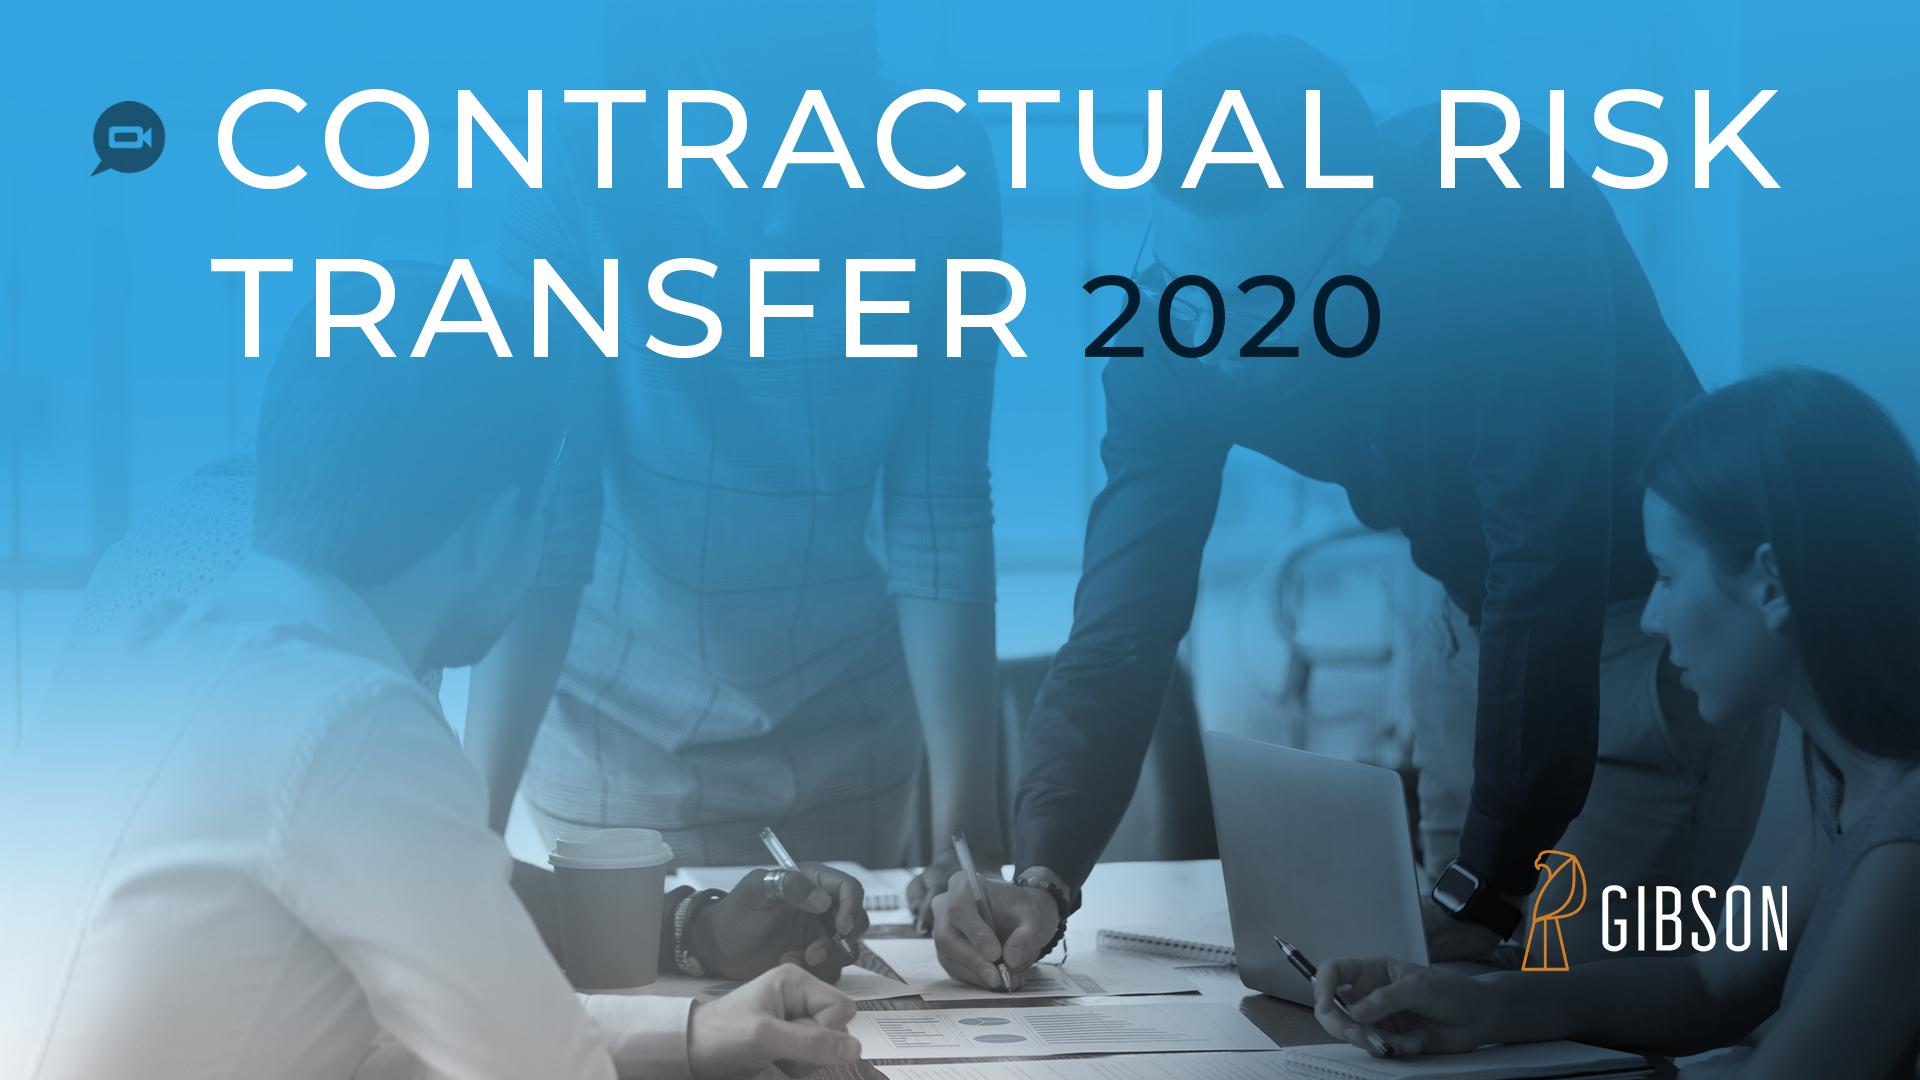 Contractual Risk Transfer 2020